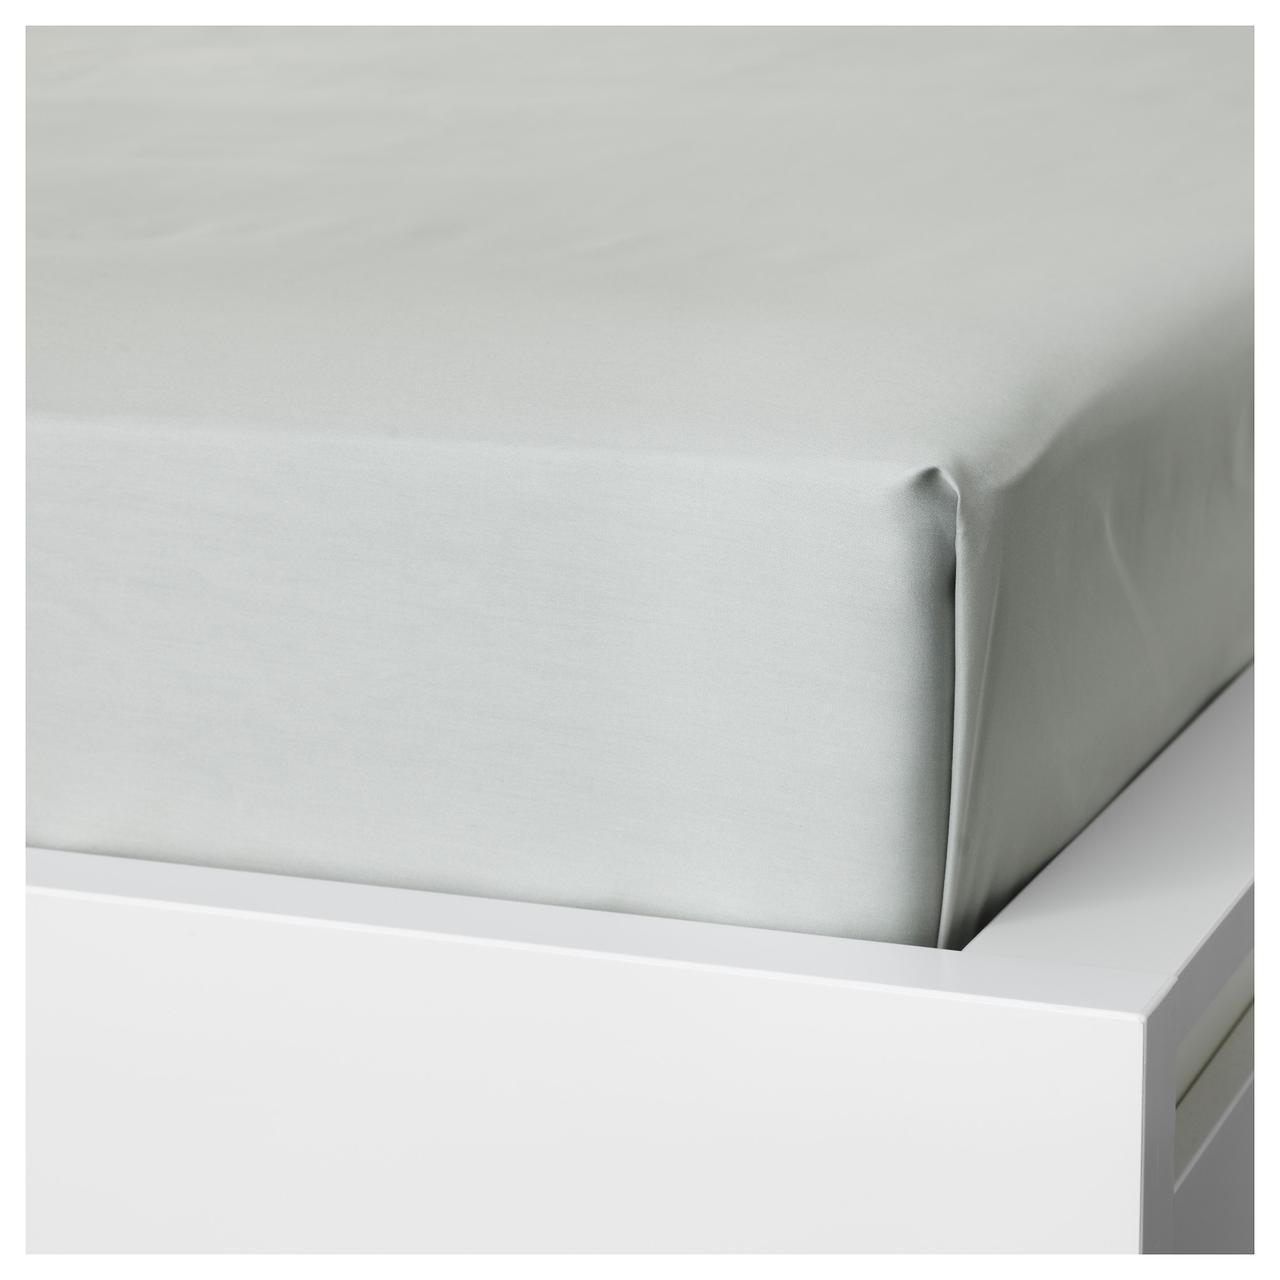 Простыня IKEA NATTJASMIN 240х260 см светло-серая 303.374.68